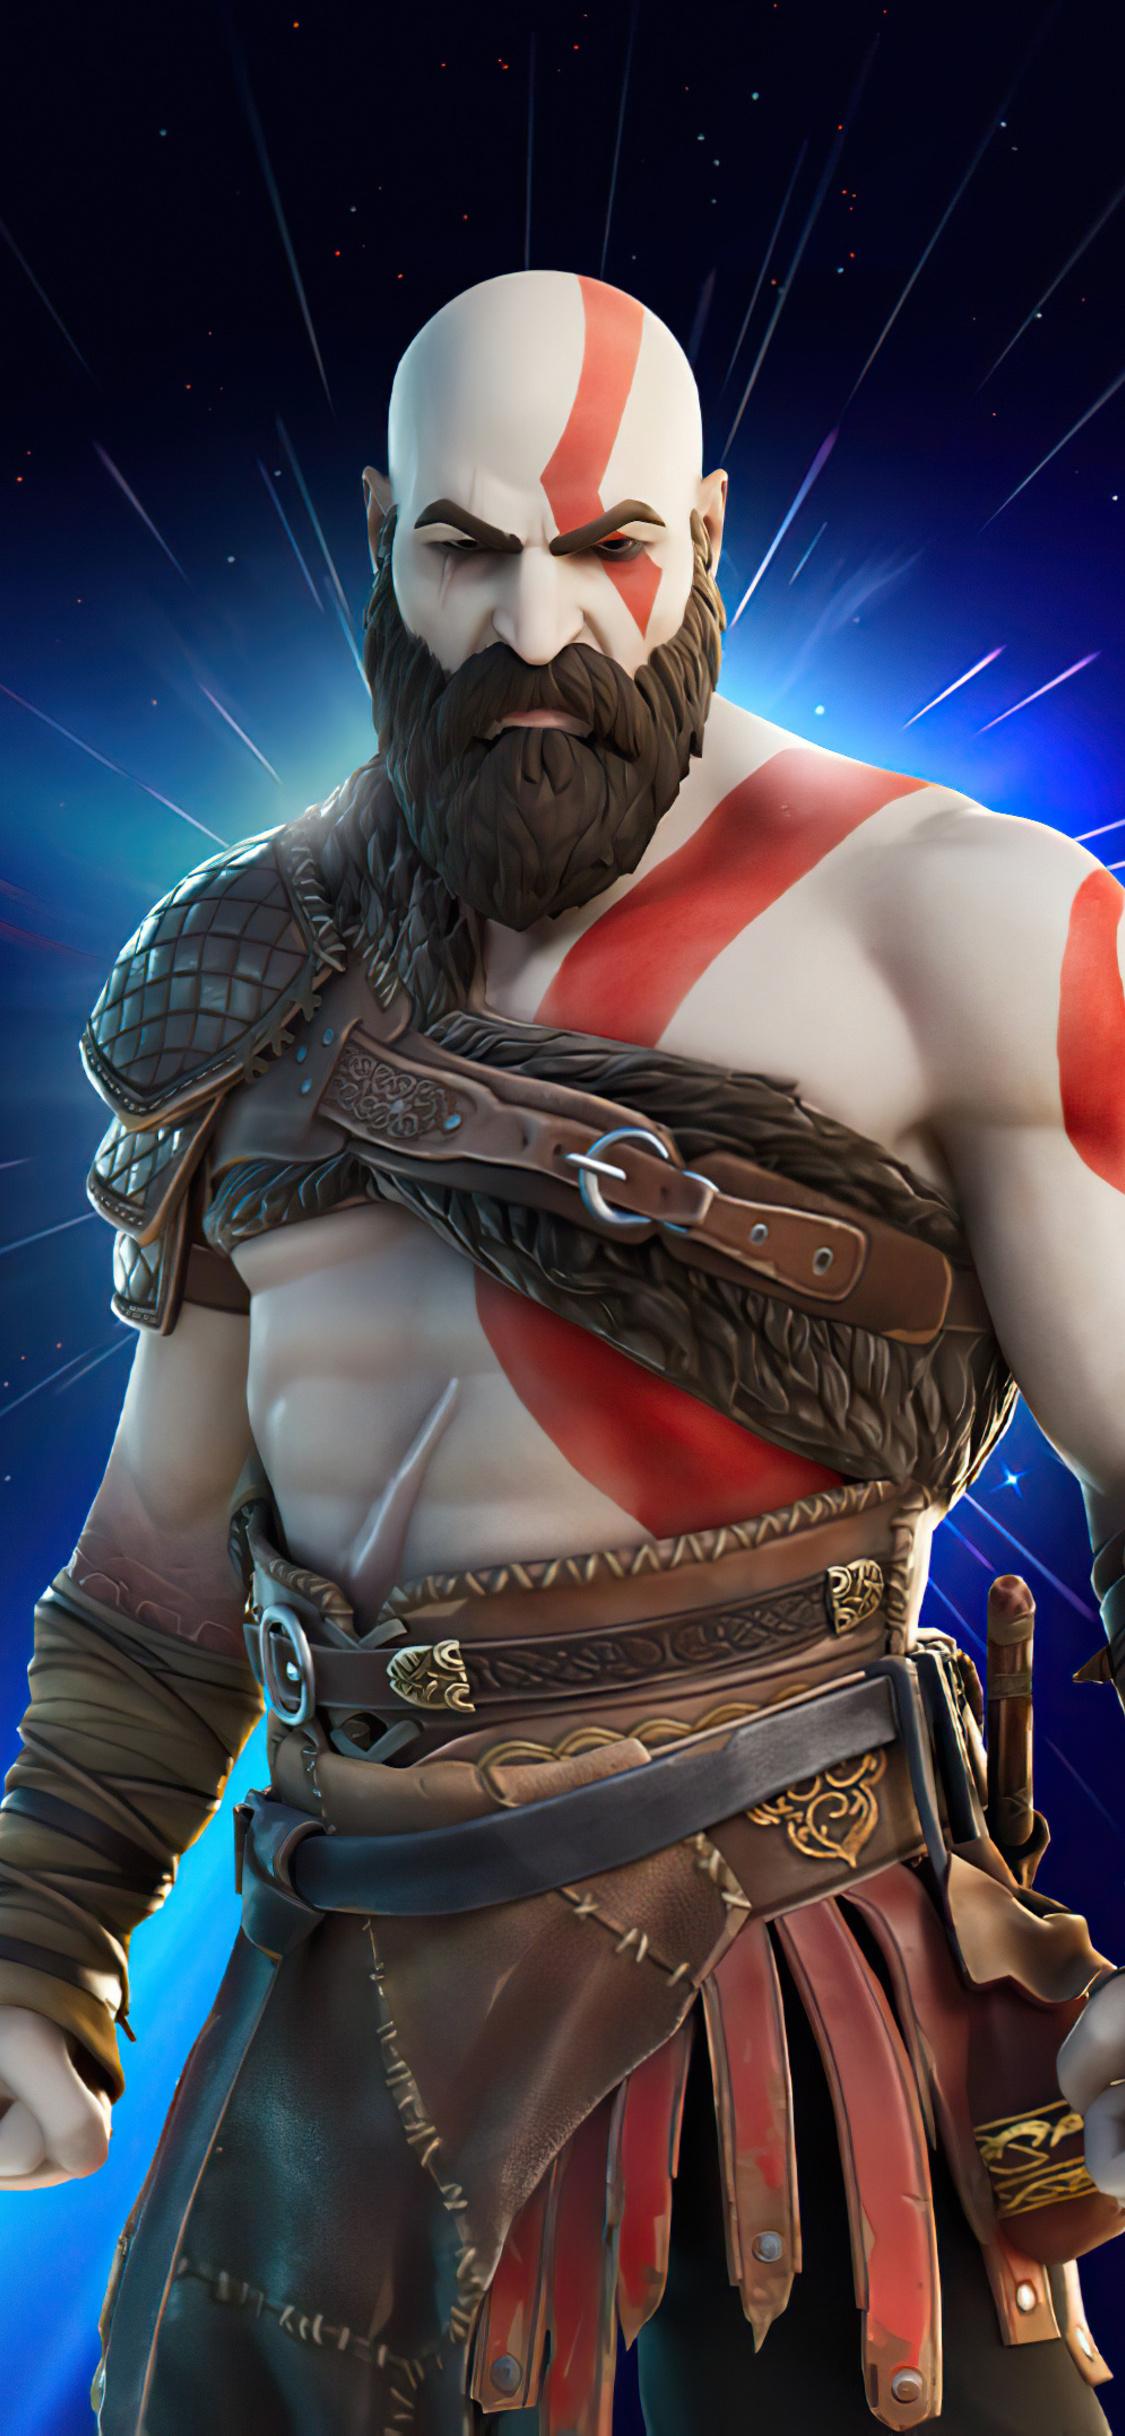 kratos-in-fortnite-chapter-2-season-5-hc.jpg